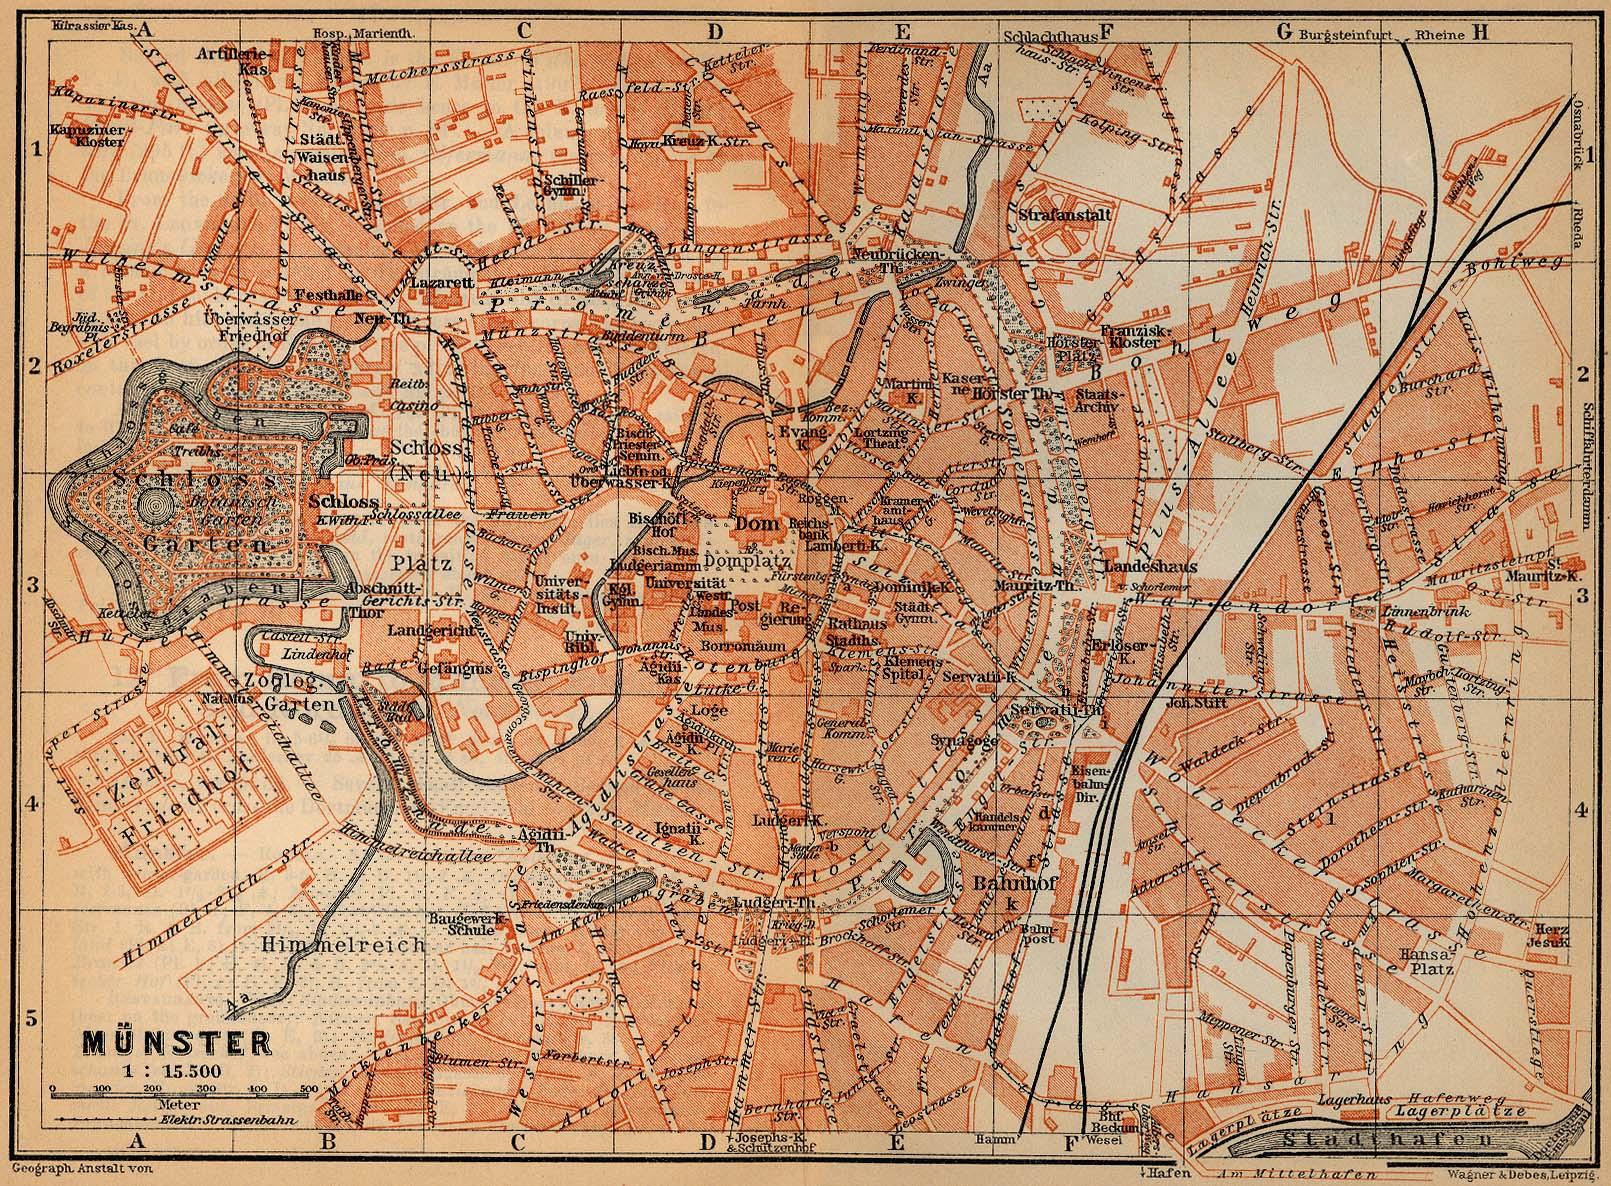 Münster Mapa histórico, Alemania 1910.